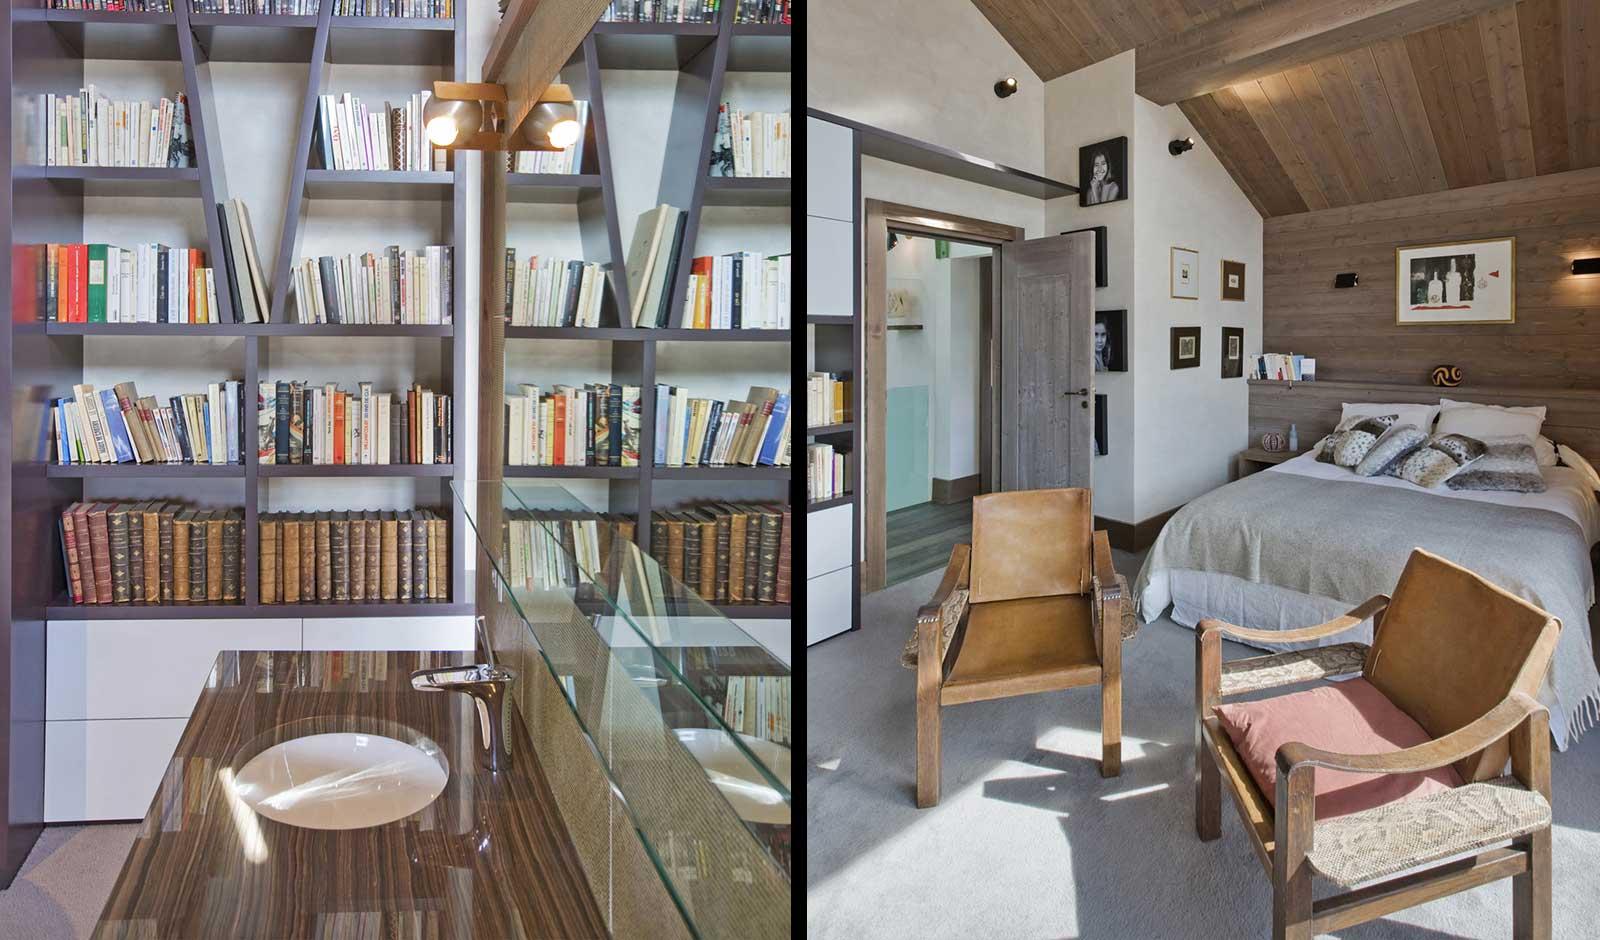 chalet-vert-mont-1-atelier-crea-and-co-architecte-design-project-manager-meribel-savoie